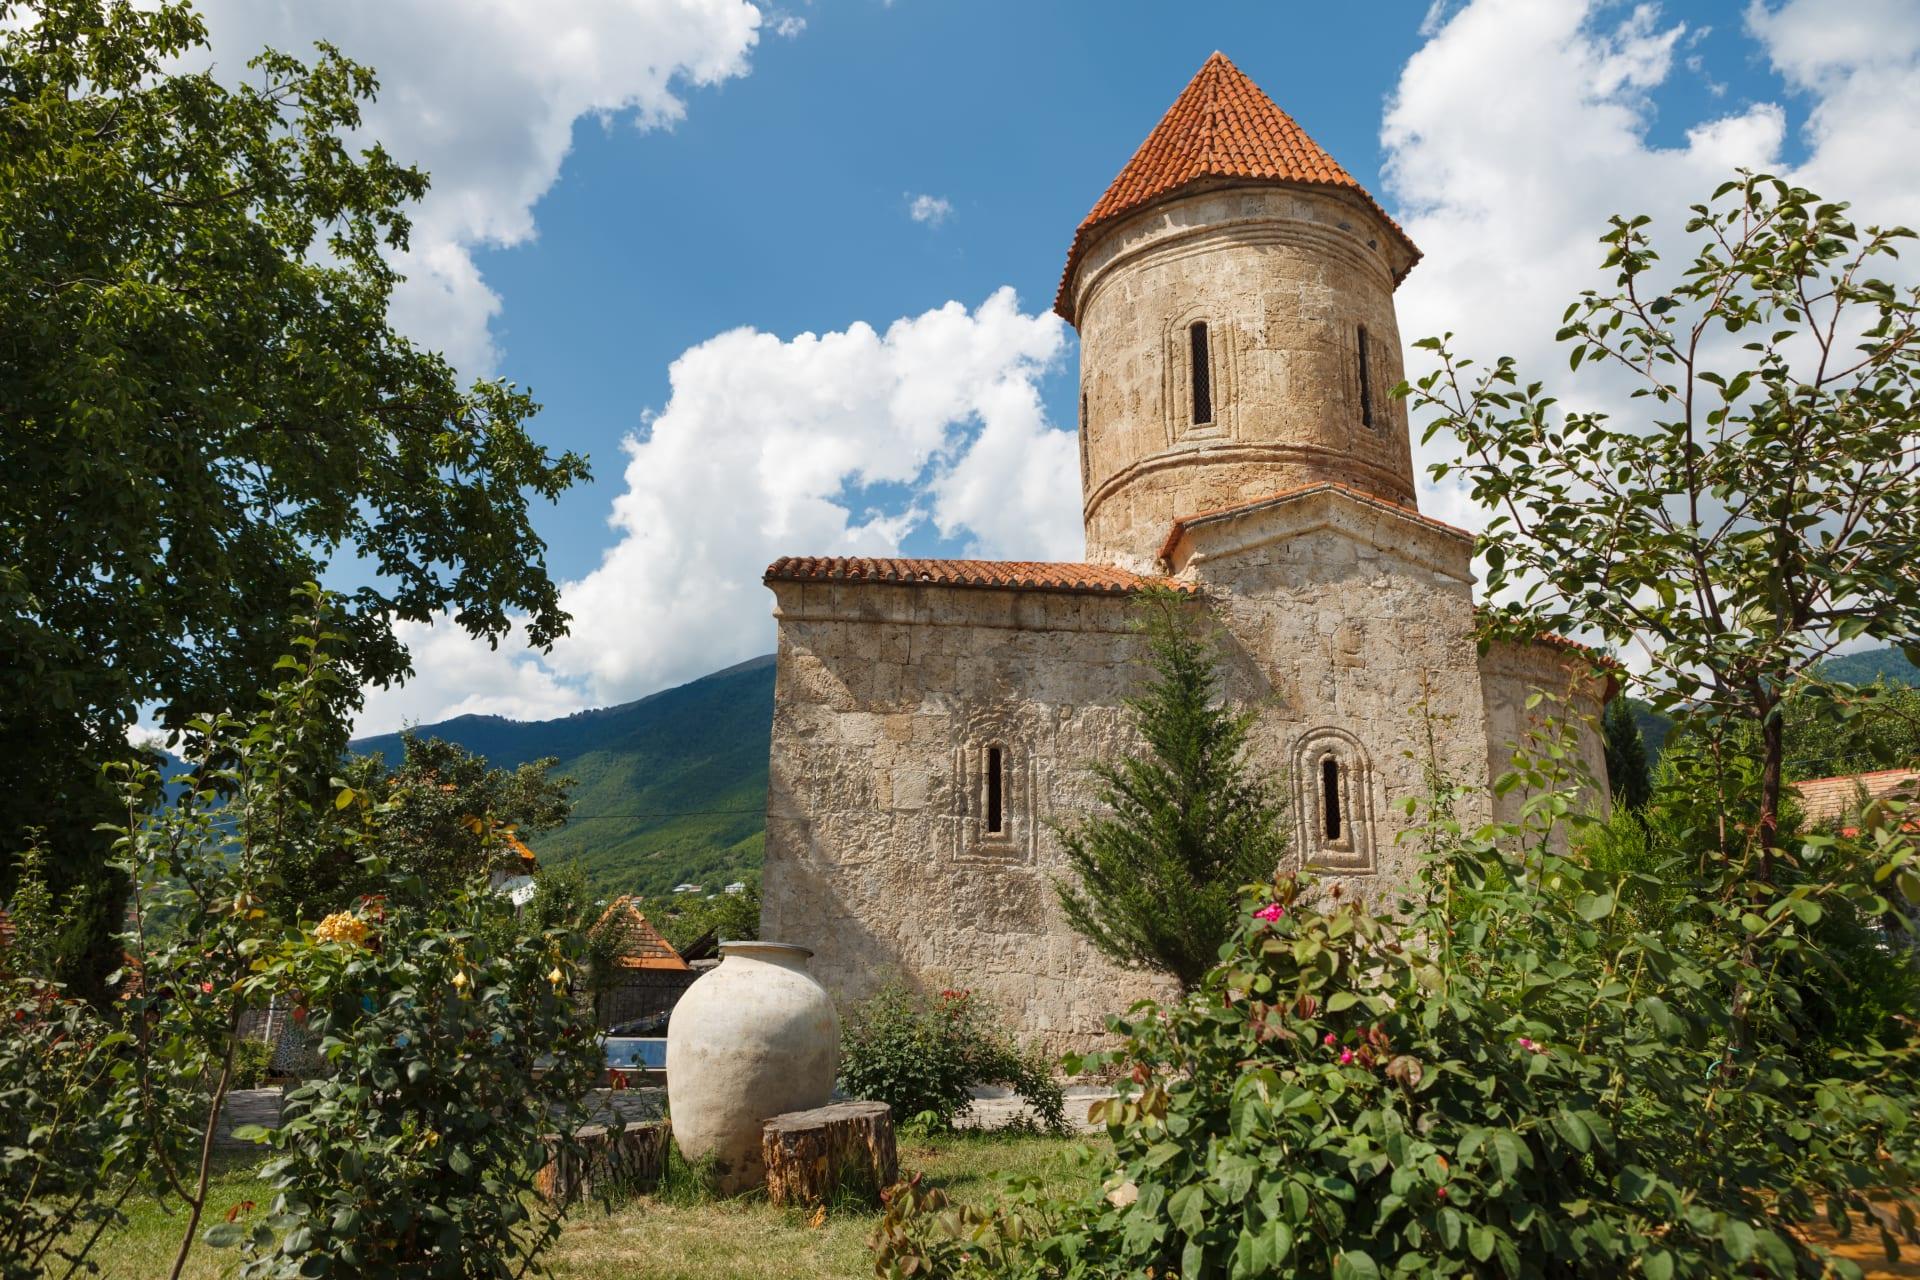 """منها هياكل عظمية وصخرة """"سحرية"""".. ما الذي ستجده بأقدم كنيسة في القوقاز؟"""